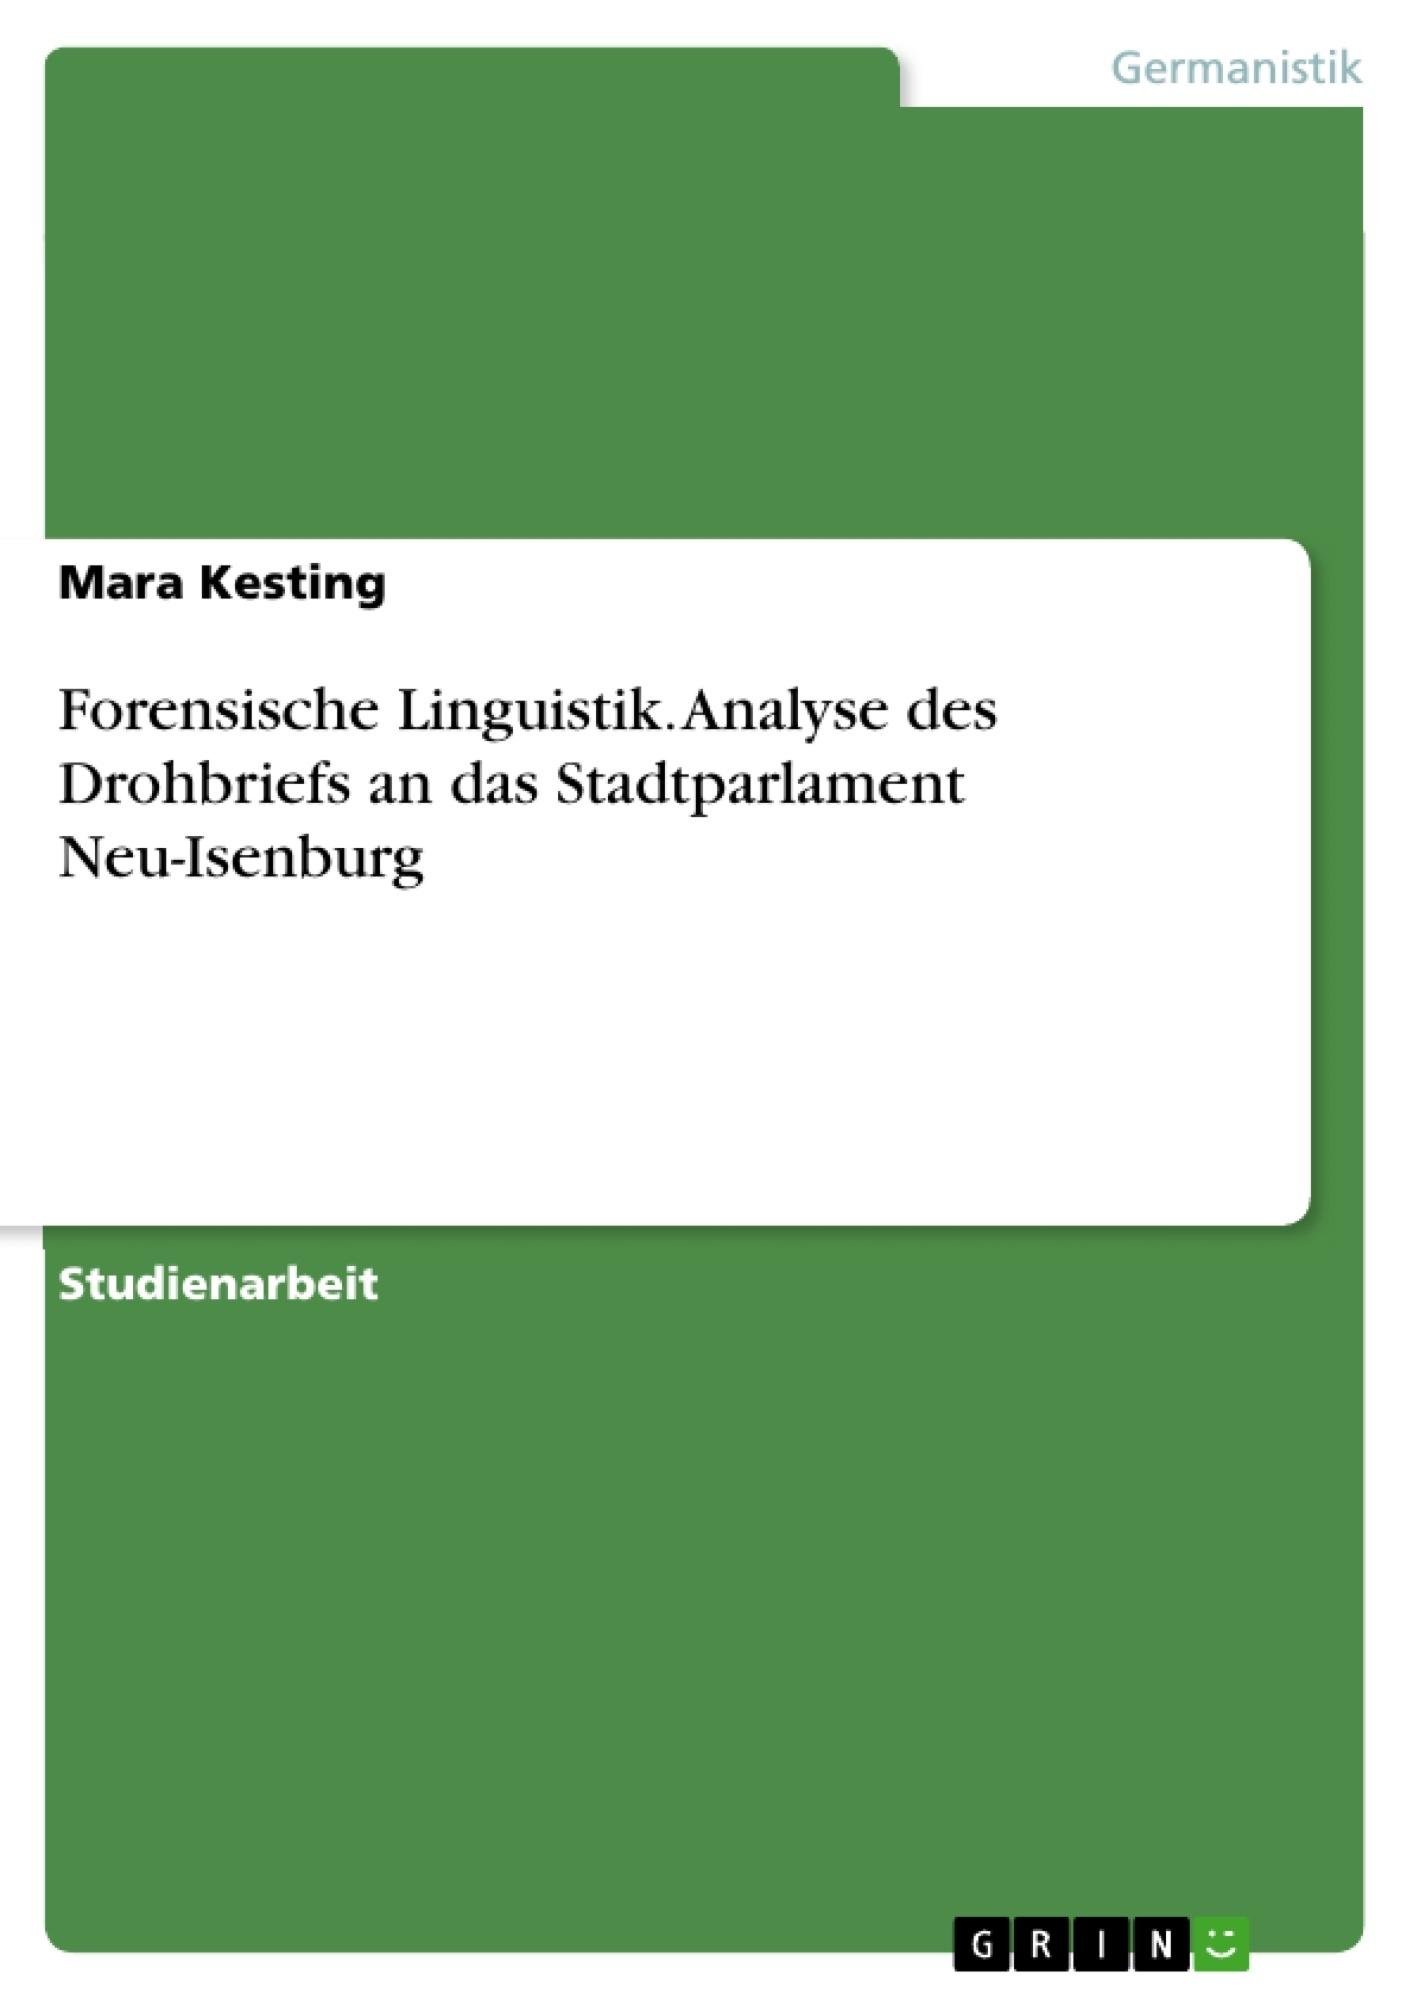 Titel: Forensische Linguistik. Analyse des Drohbriefs an das Stadtparlament Neu-Isenburg